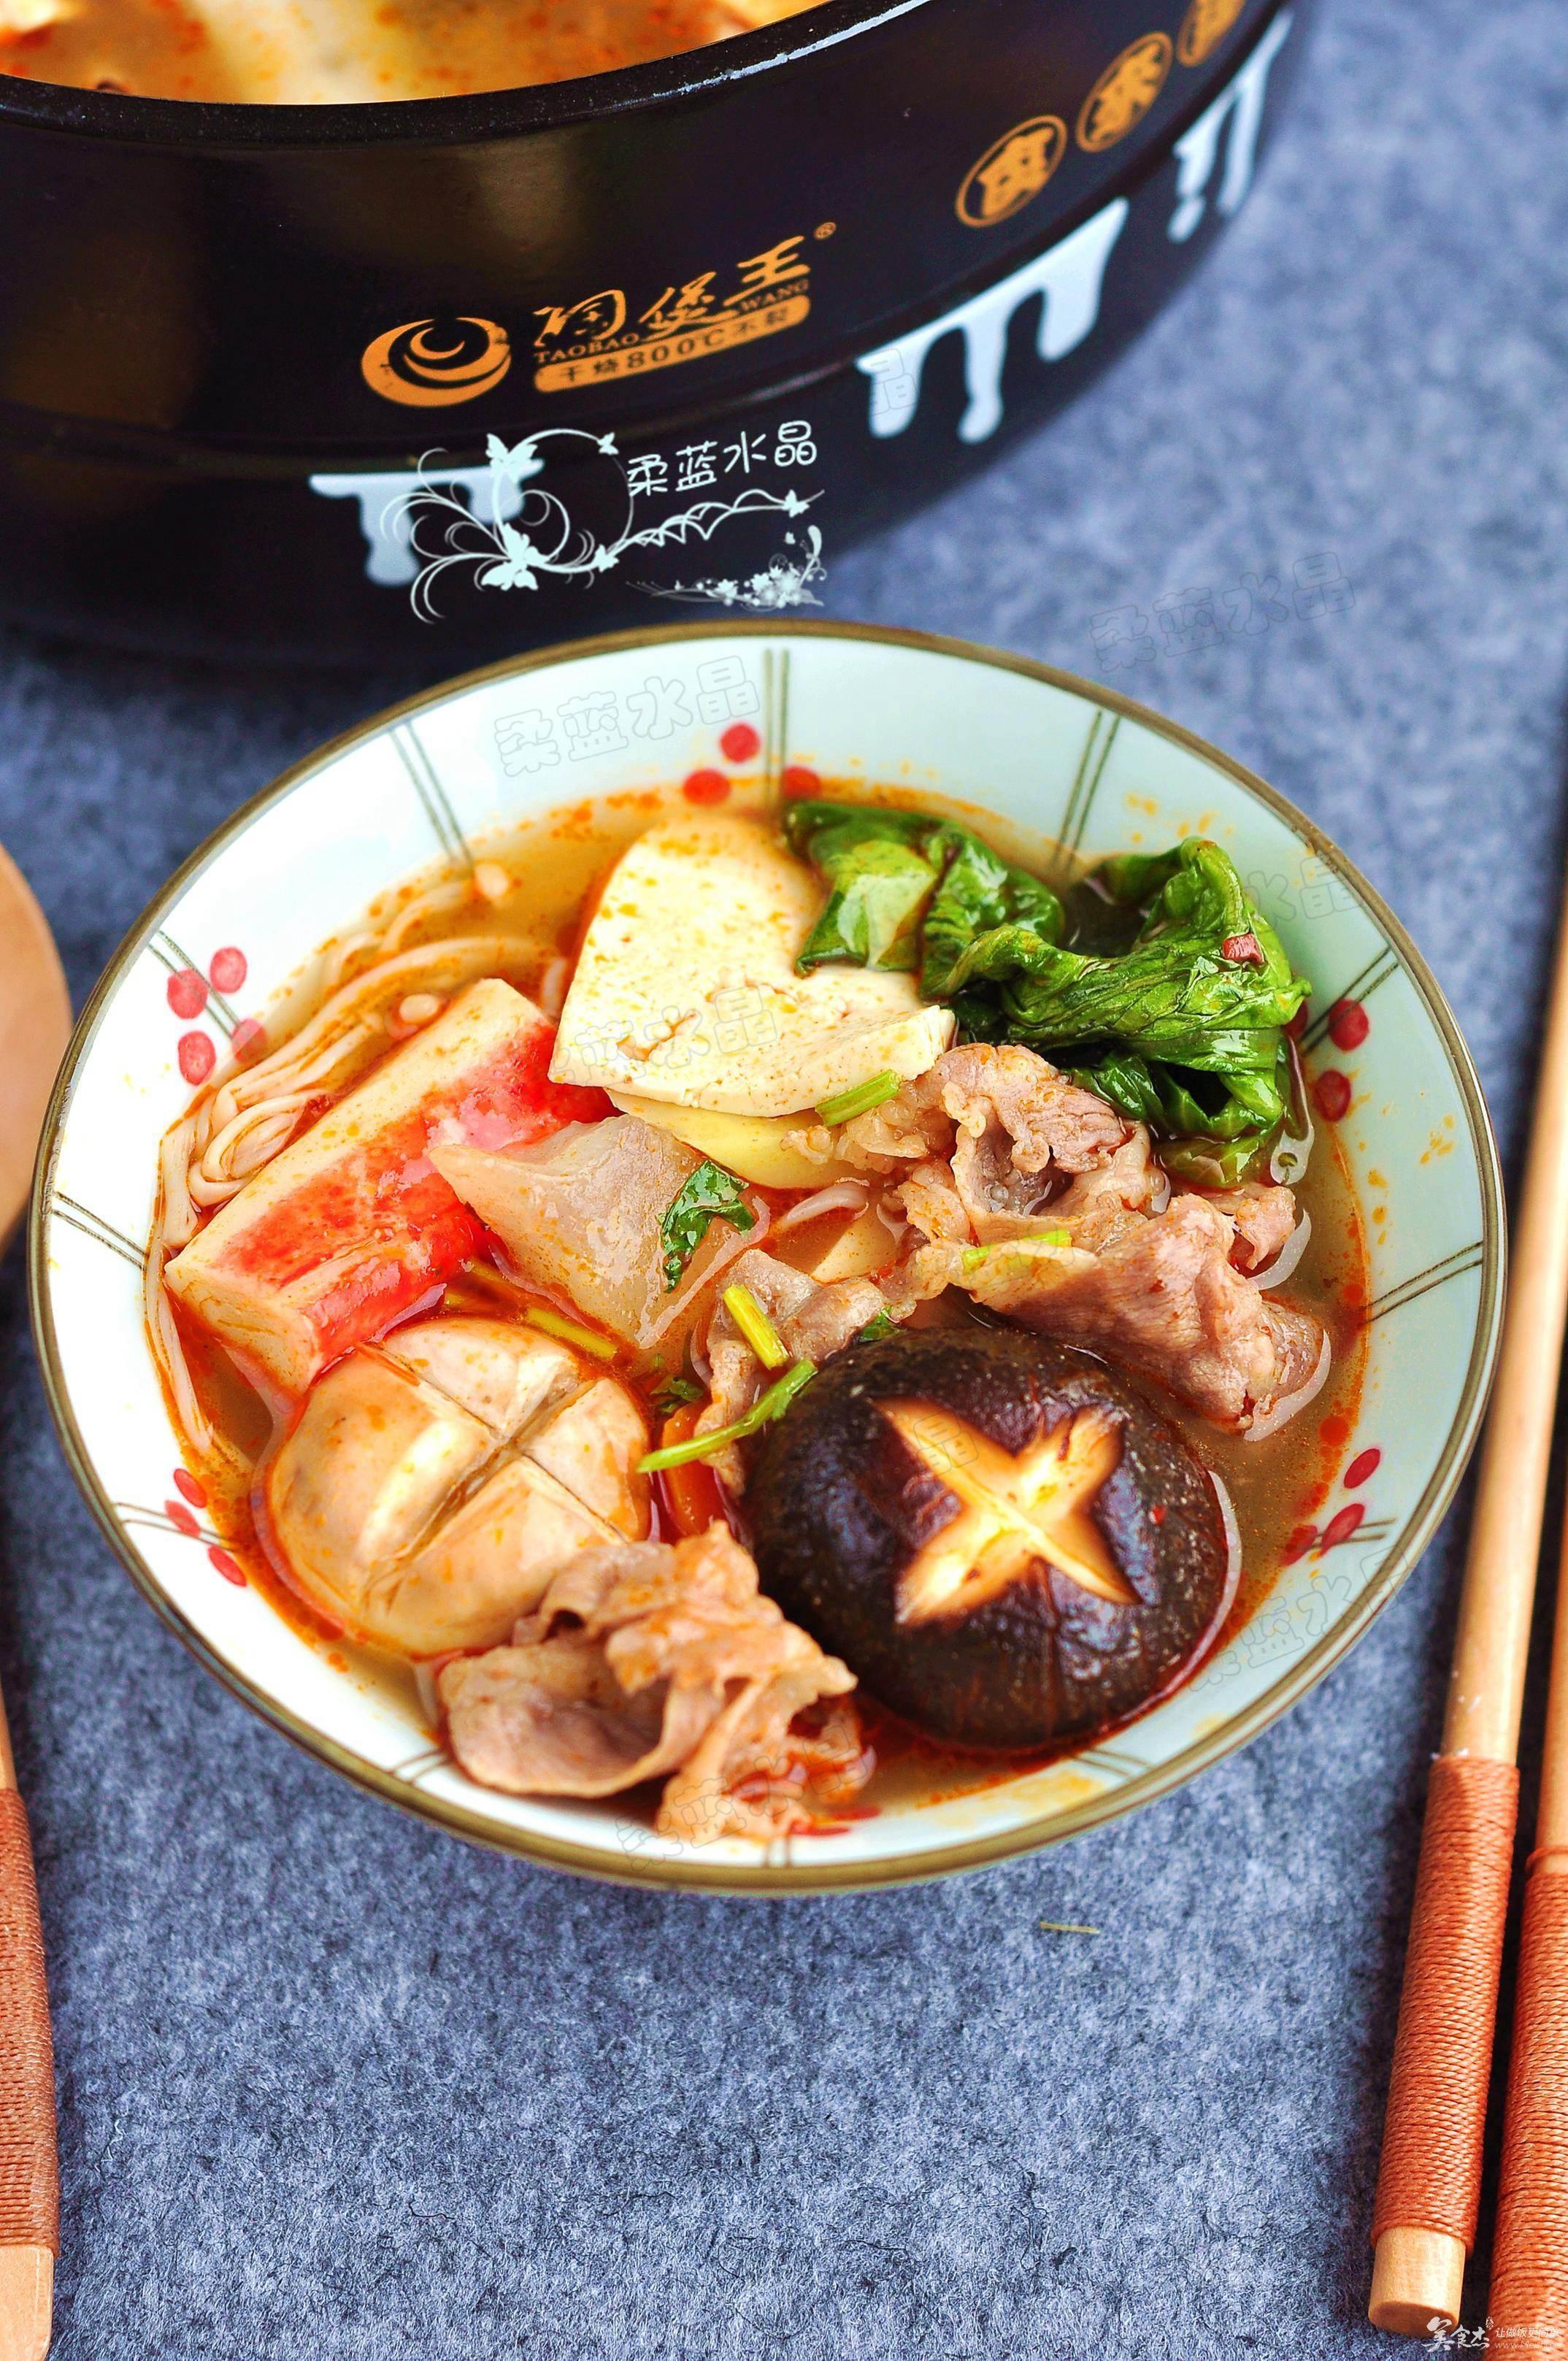 砂锅美食炖炖炖,赶走秋日的凉意wa.jpg